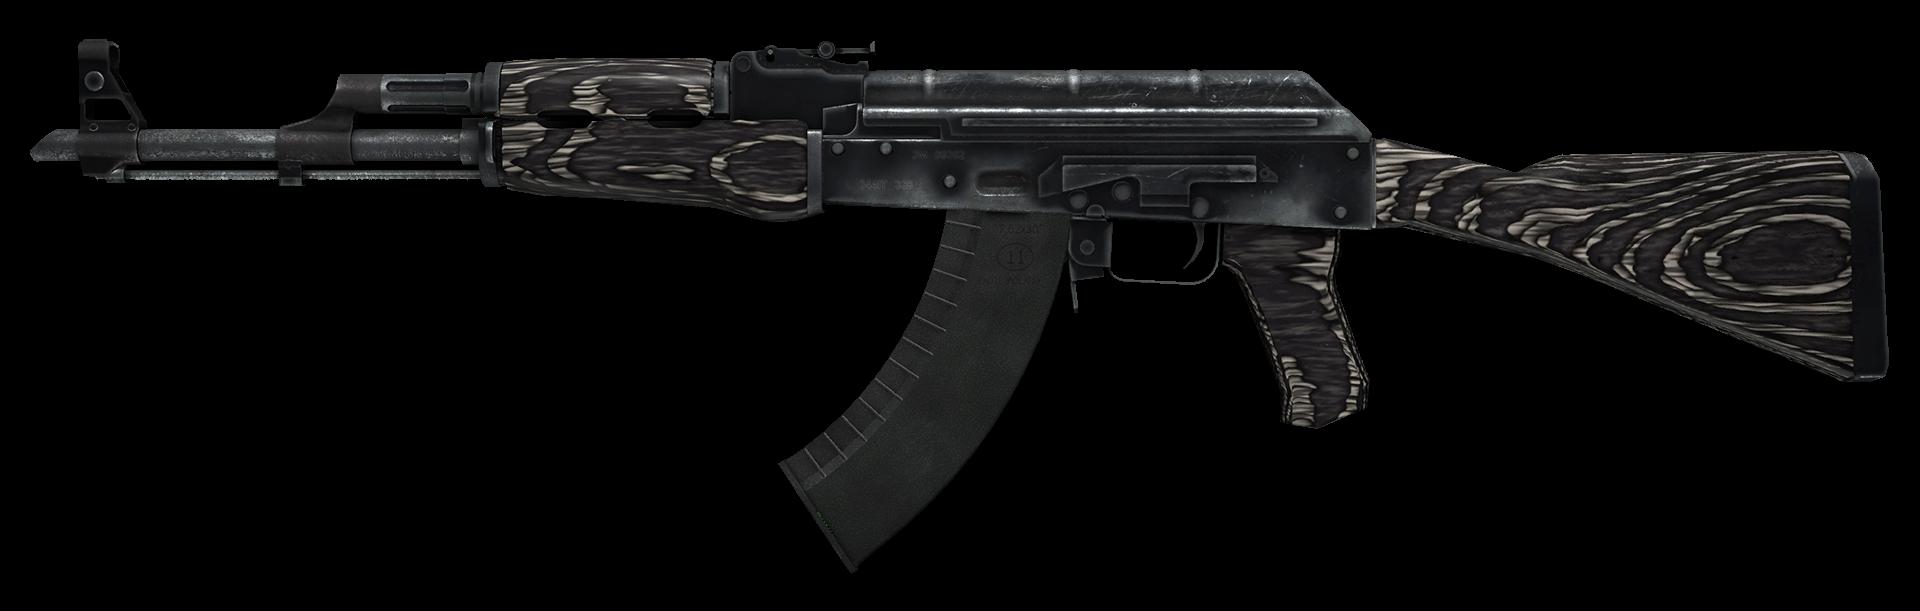 AK-47 Black Laminate Large Rendering